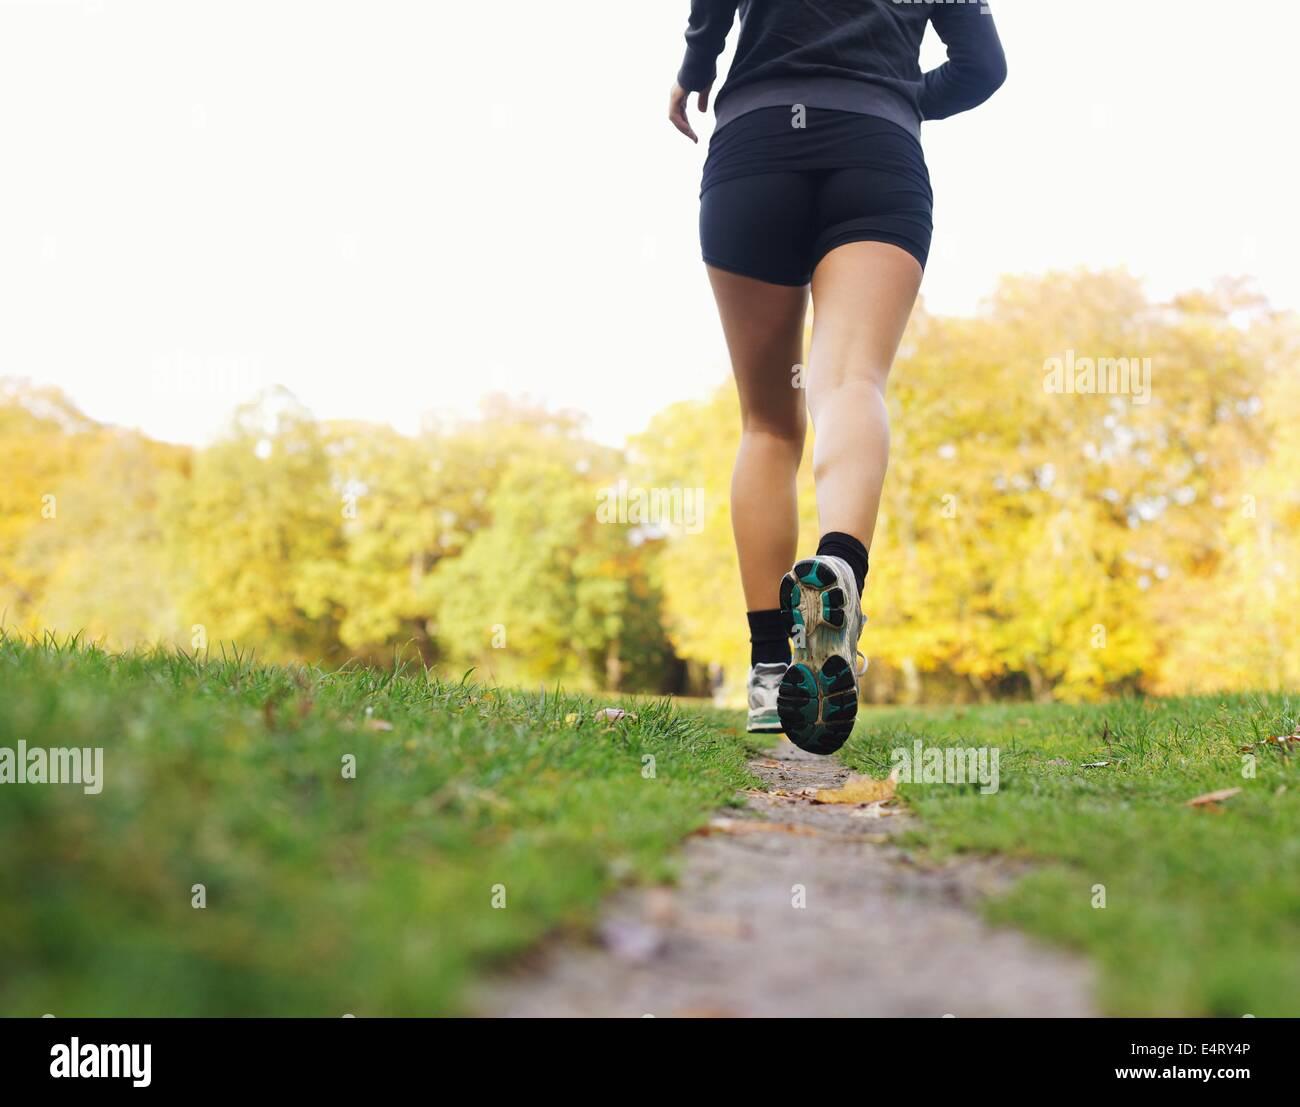 Vista posteriore della donna atleta a fare jogging nel parco. Femmina modello fitness correndo all'aperto Immagini Stock